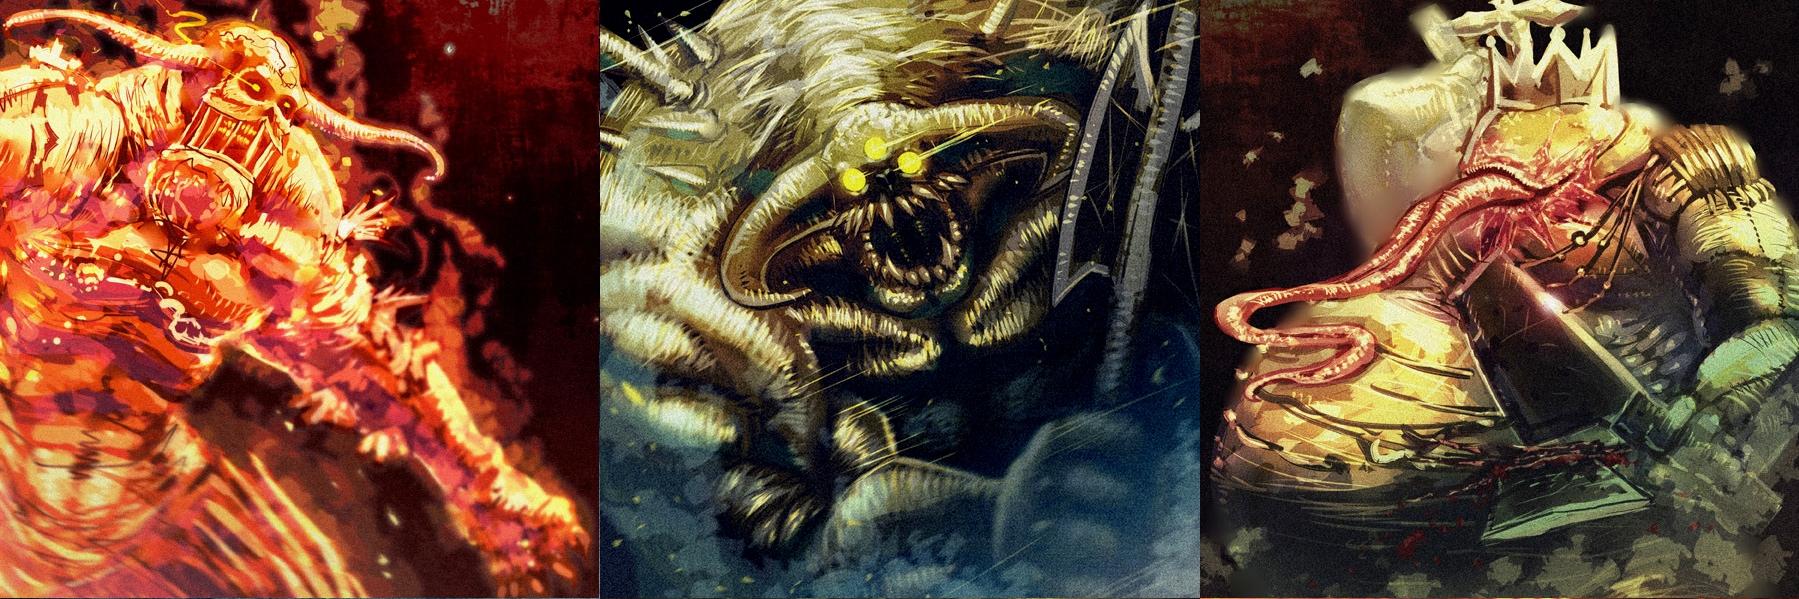 Demon's Souls - fanart